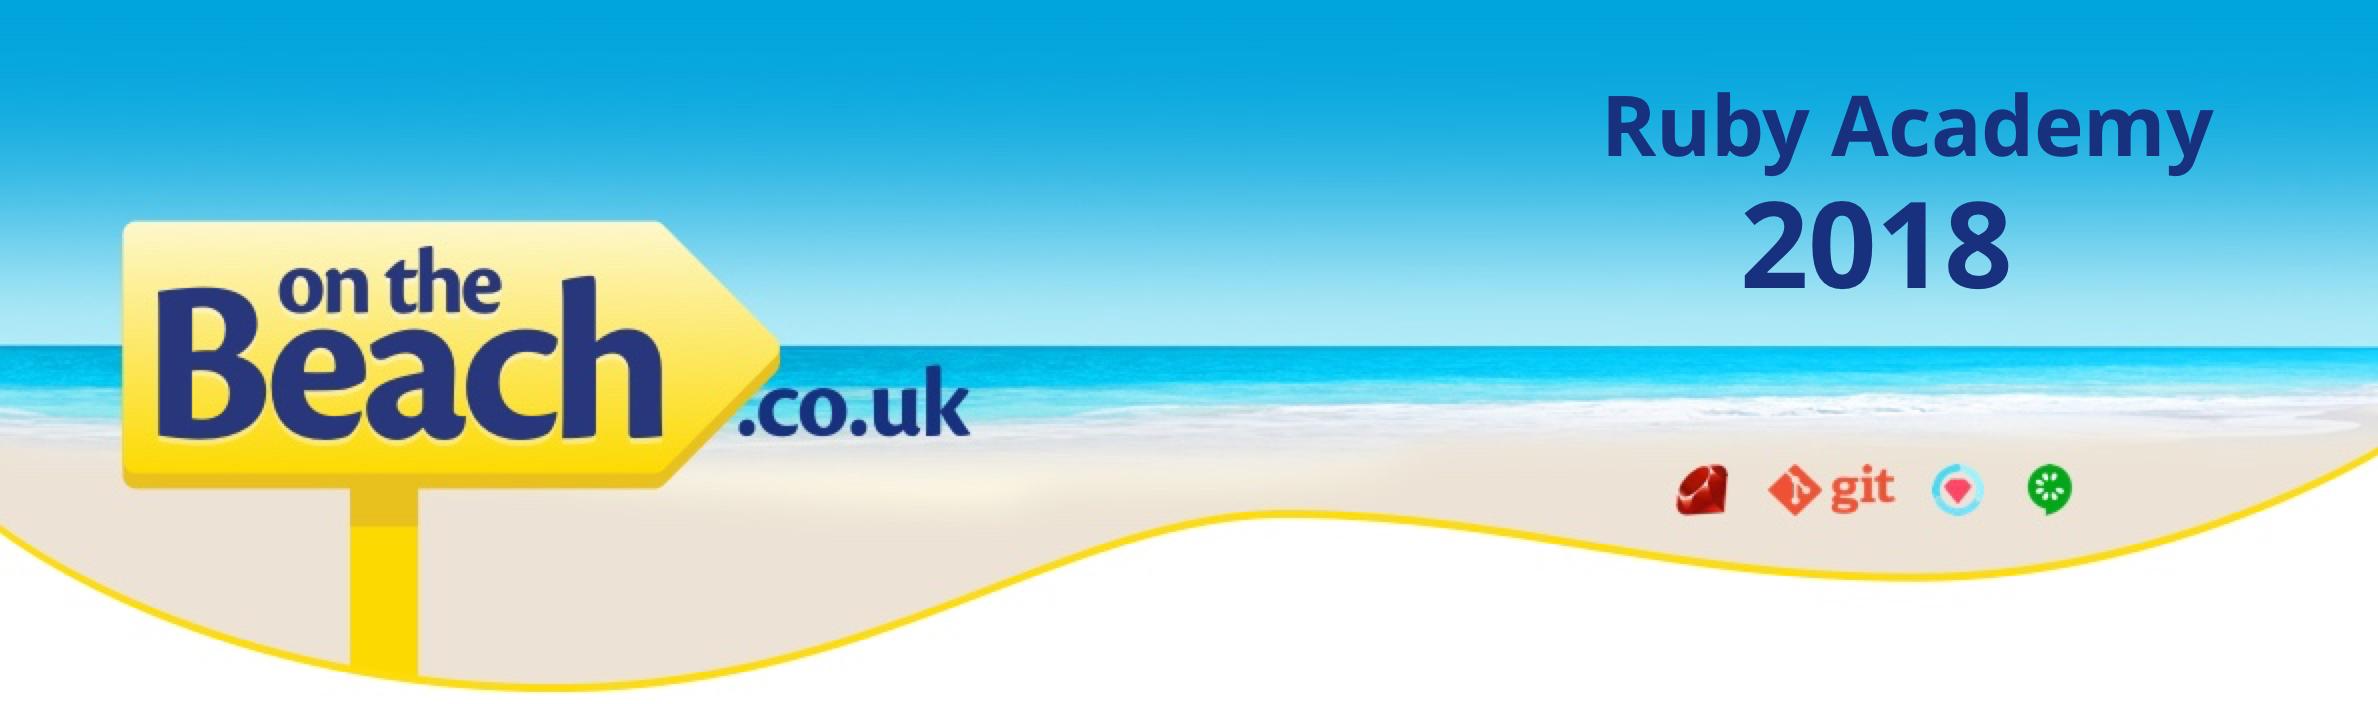 On the Beach Ruby Academy 2018 - Beach Holiday Blog   On the